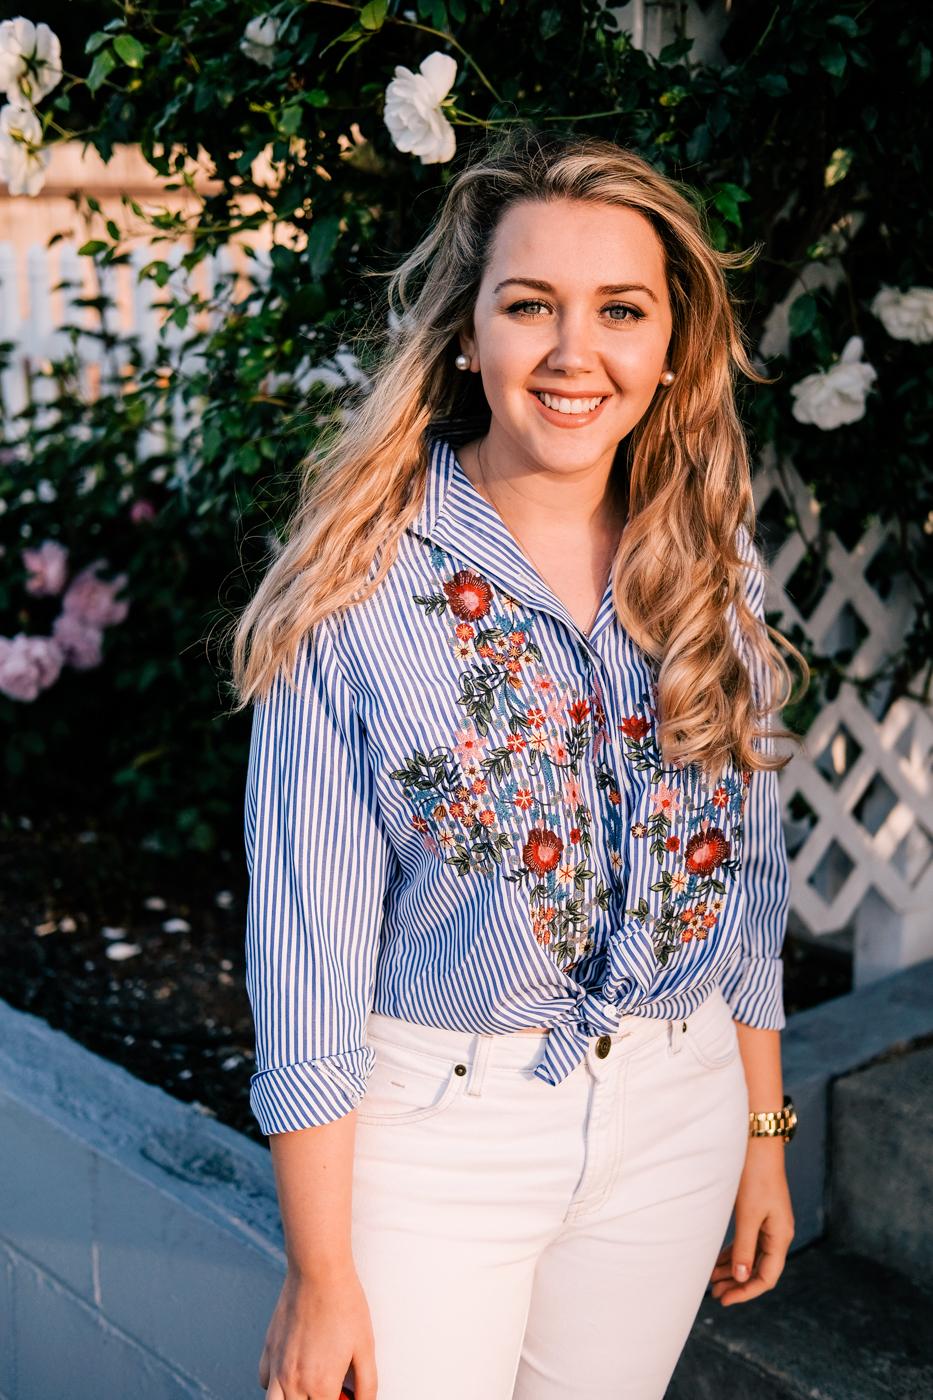 Debora Dahl, spring style